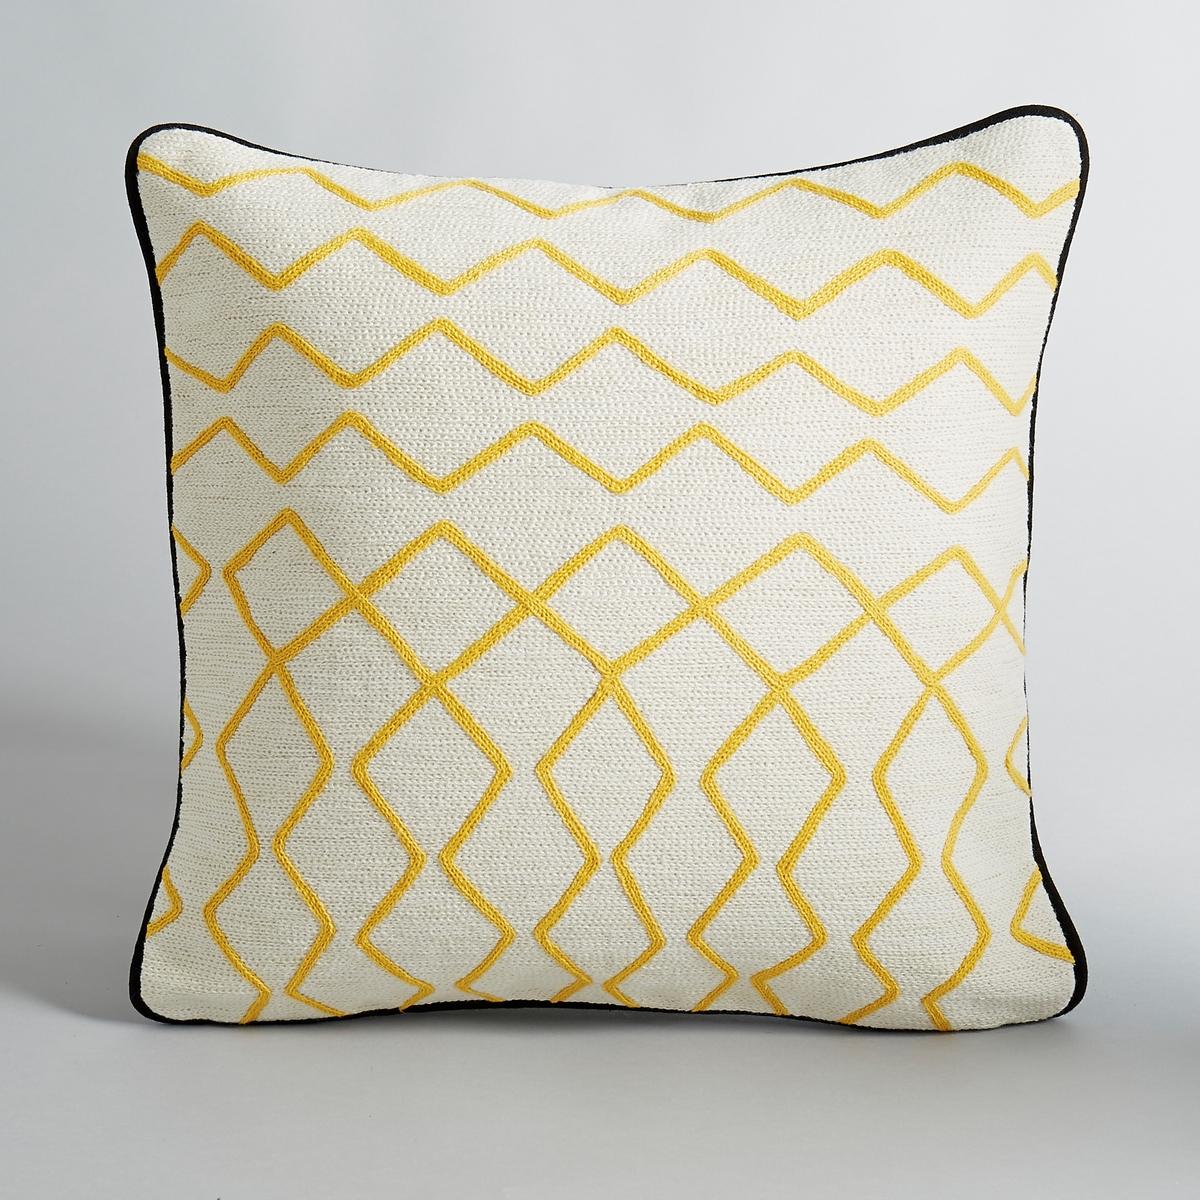 Чехол на подушку AlazieКрасивый графичный рисунок. 100 % хлопка. Вышивка по всей верхней поверхности.Отделка контрастным кантом.Скрытая застежка на молнию. Размеры:. 40 x 40 см.<br><br>Цвет: белый/ желтый/ черный,черный/белый/желтый